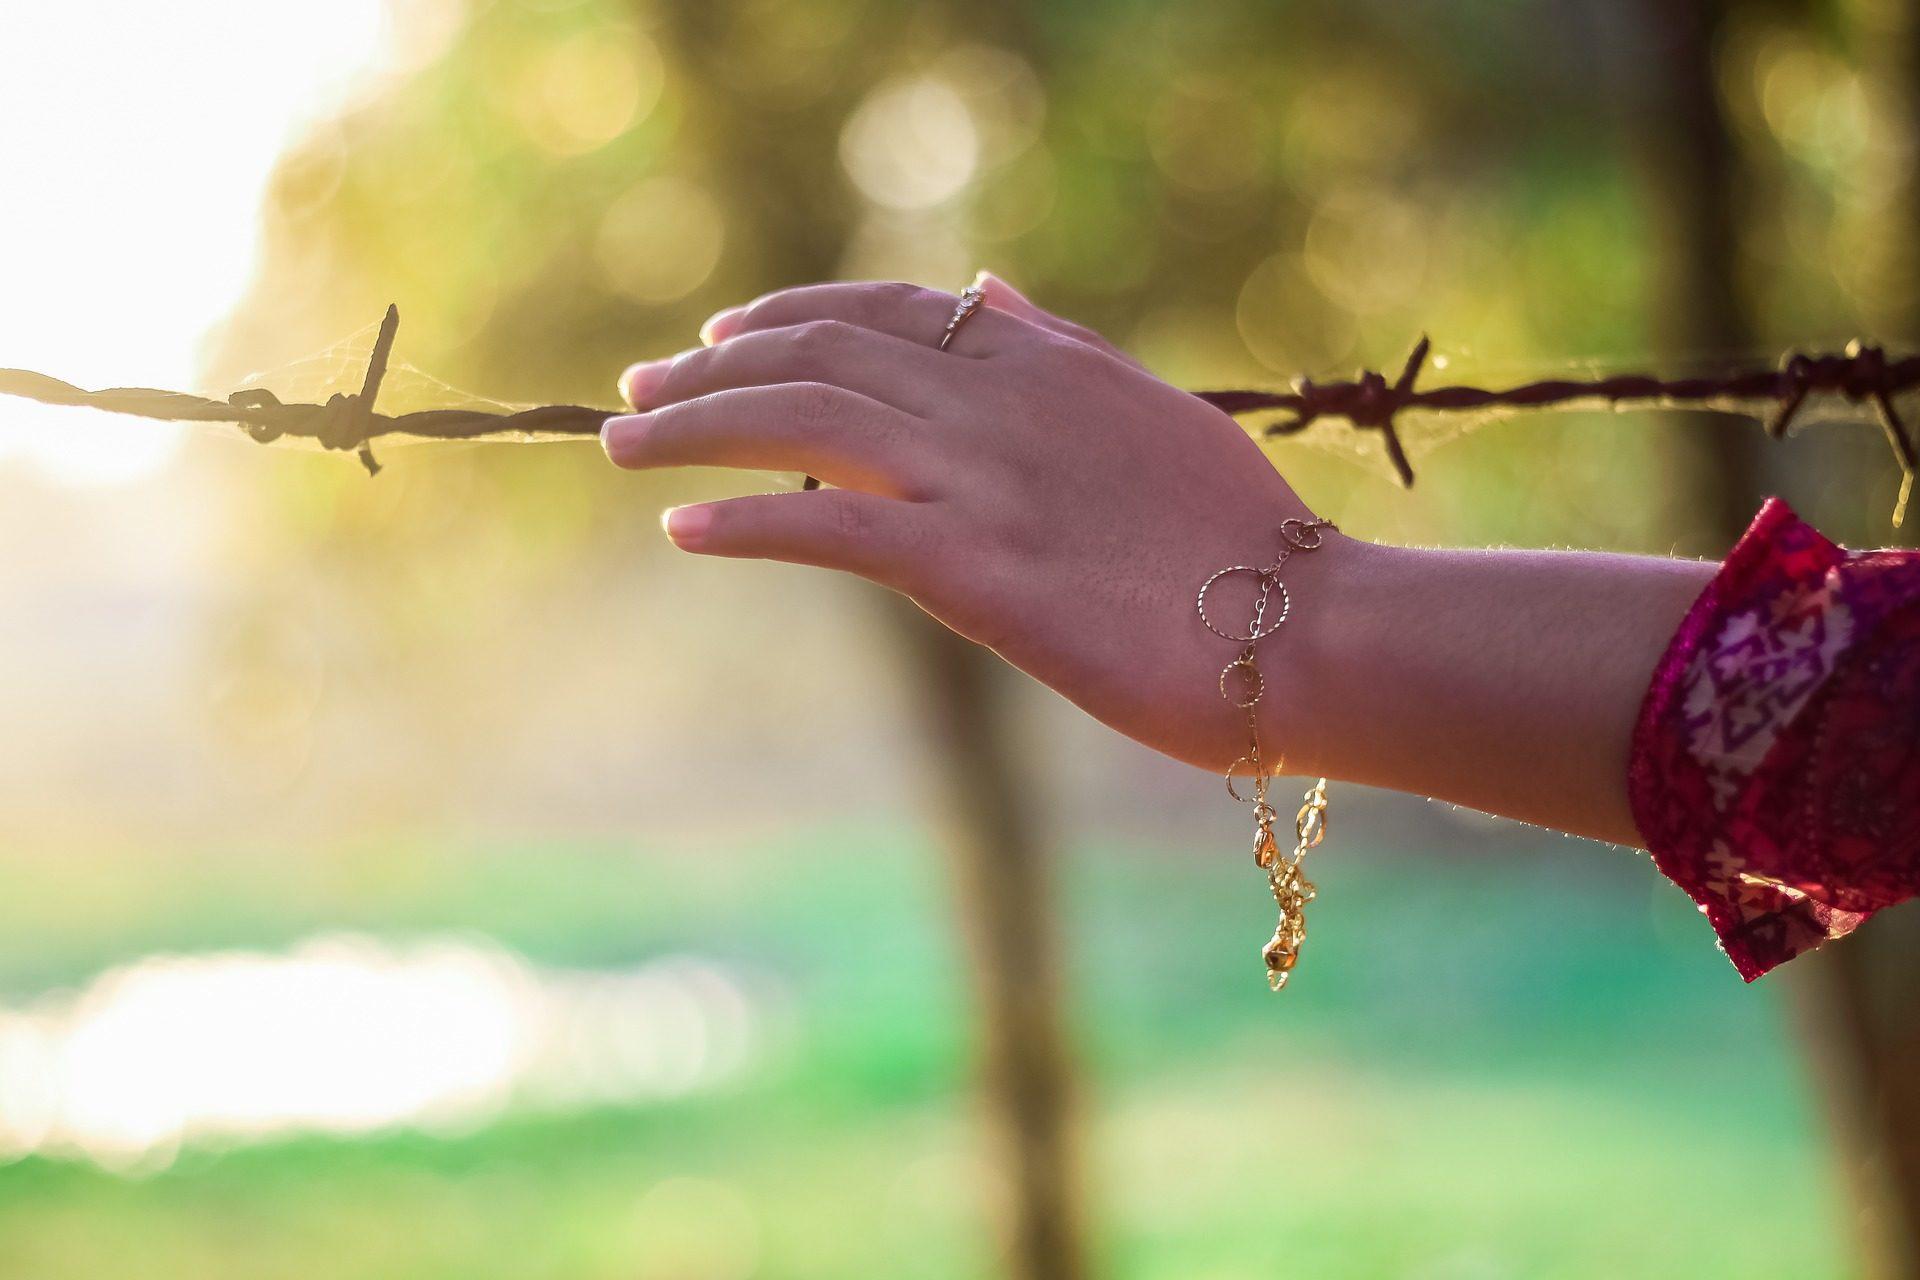 χέρι, γυναίκα, Βραχιόλι, φράχτη, πεδίο - Wallpapers HD - Professor-falken.com